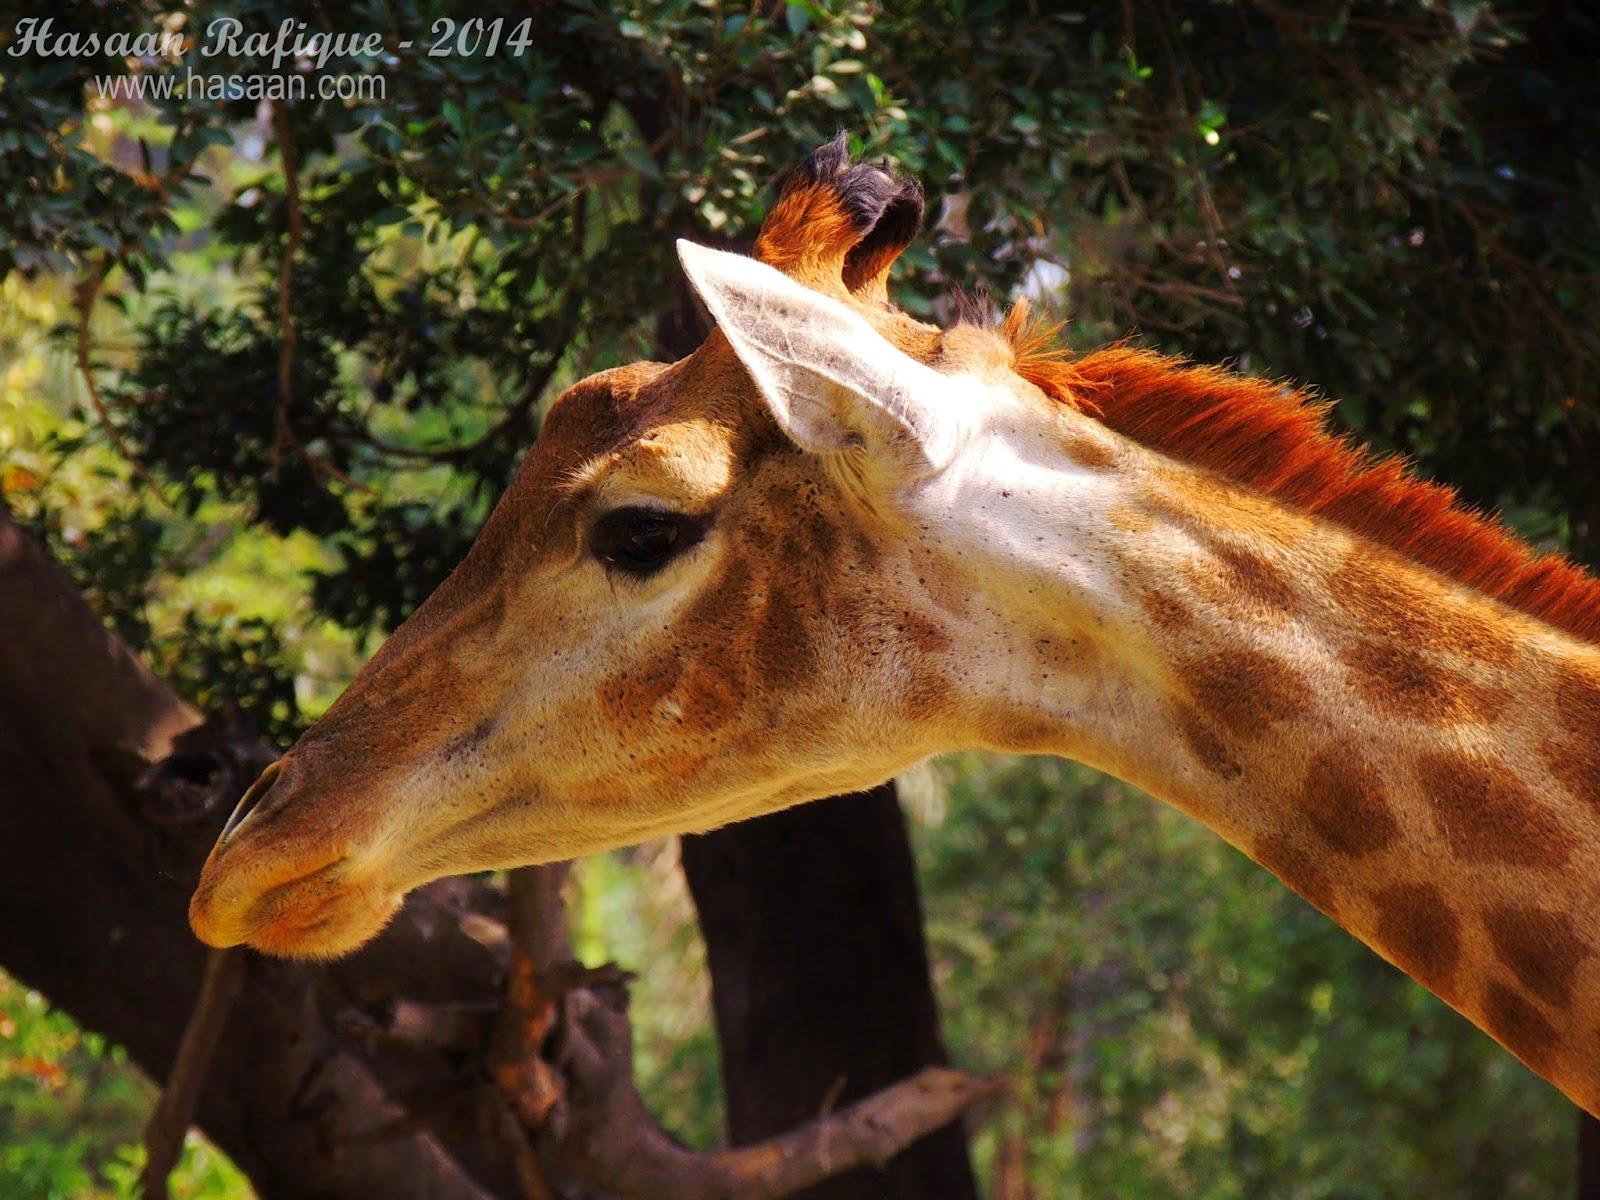 A giraffe seen from up-close.